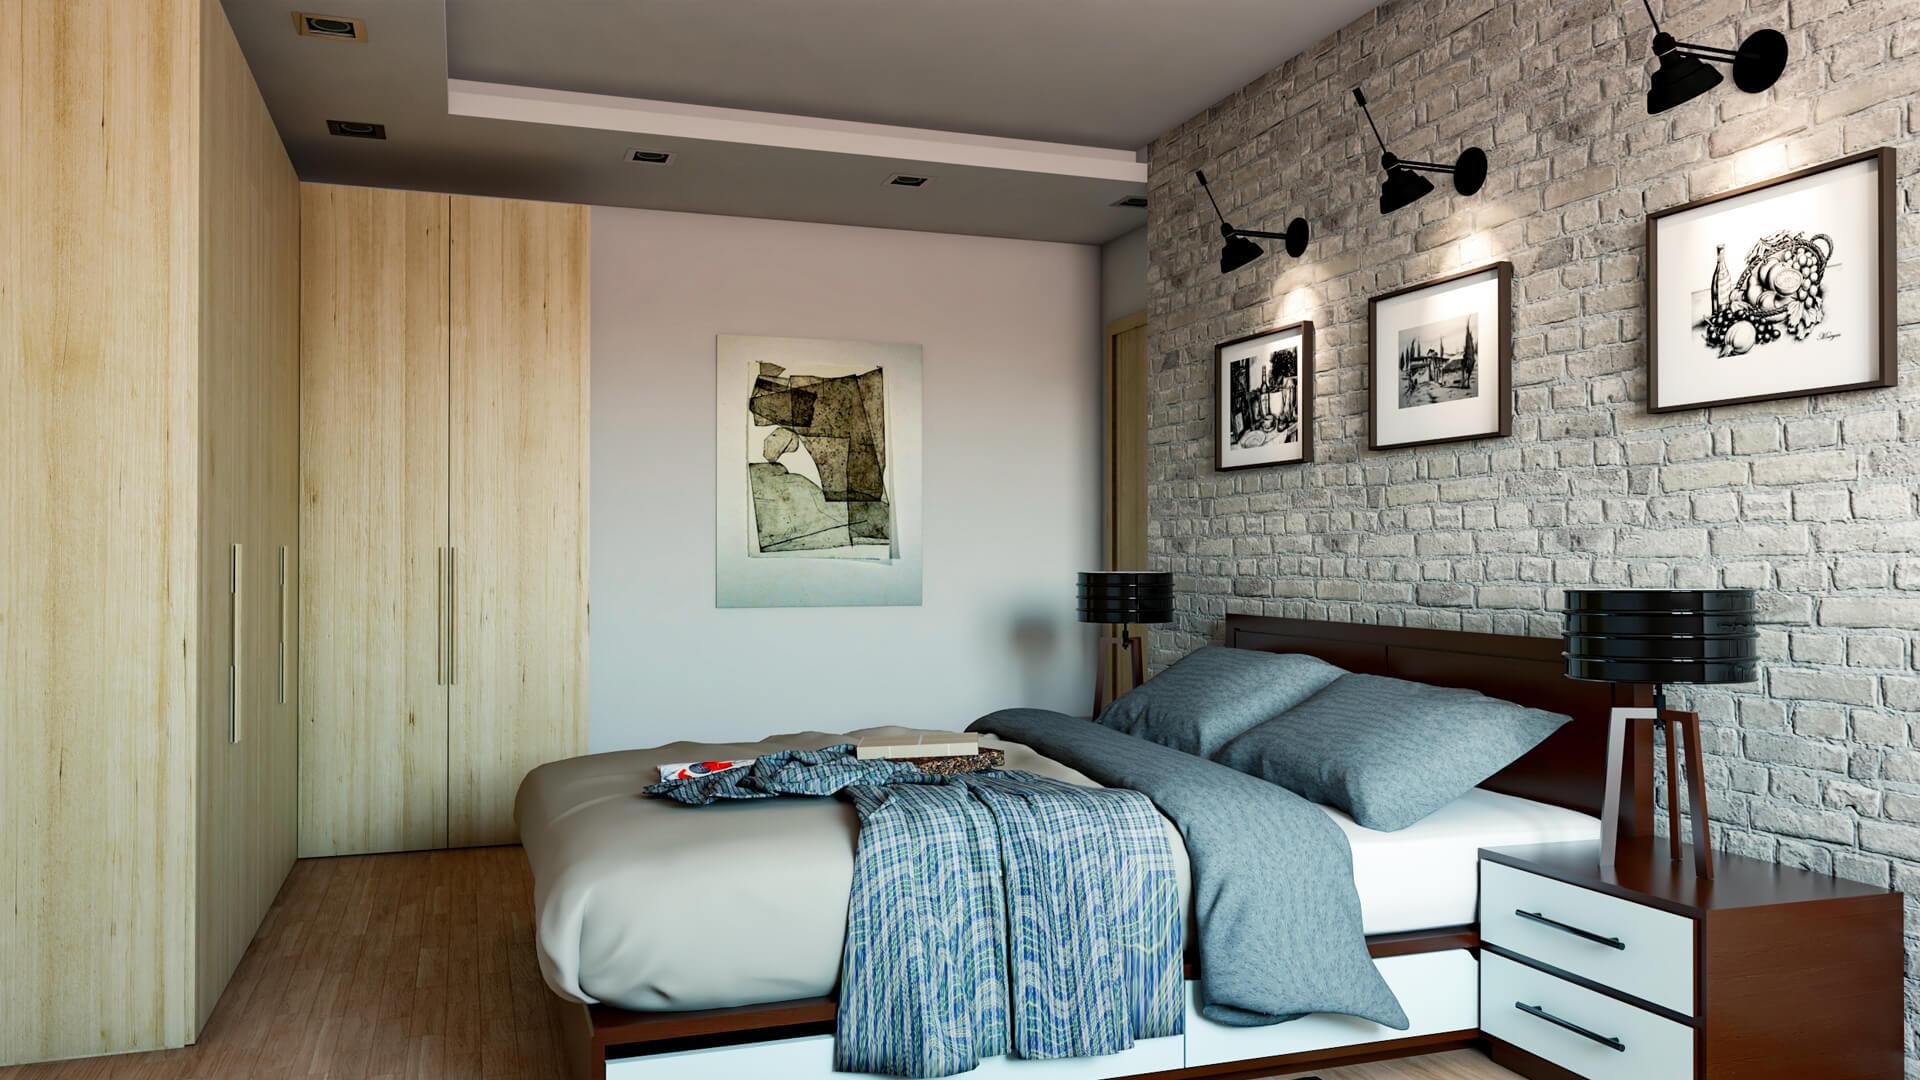 Progettazione e Render appartamento. Località: Modena